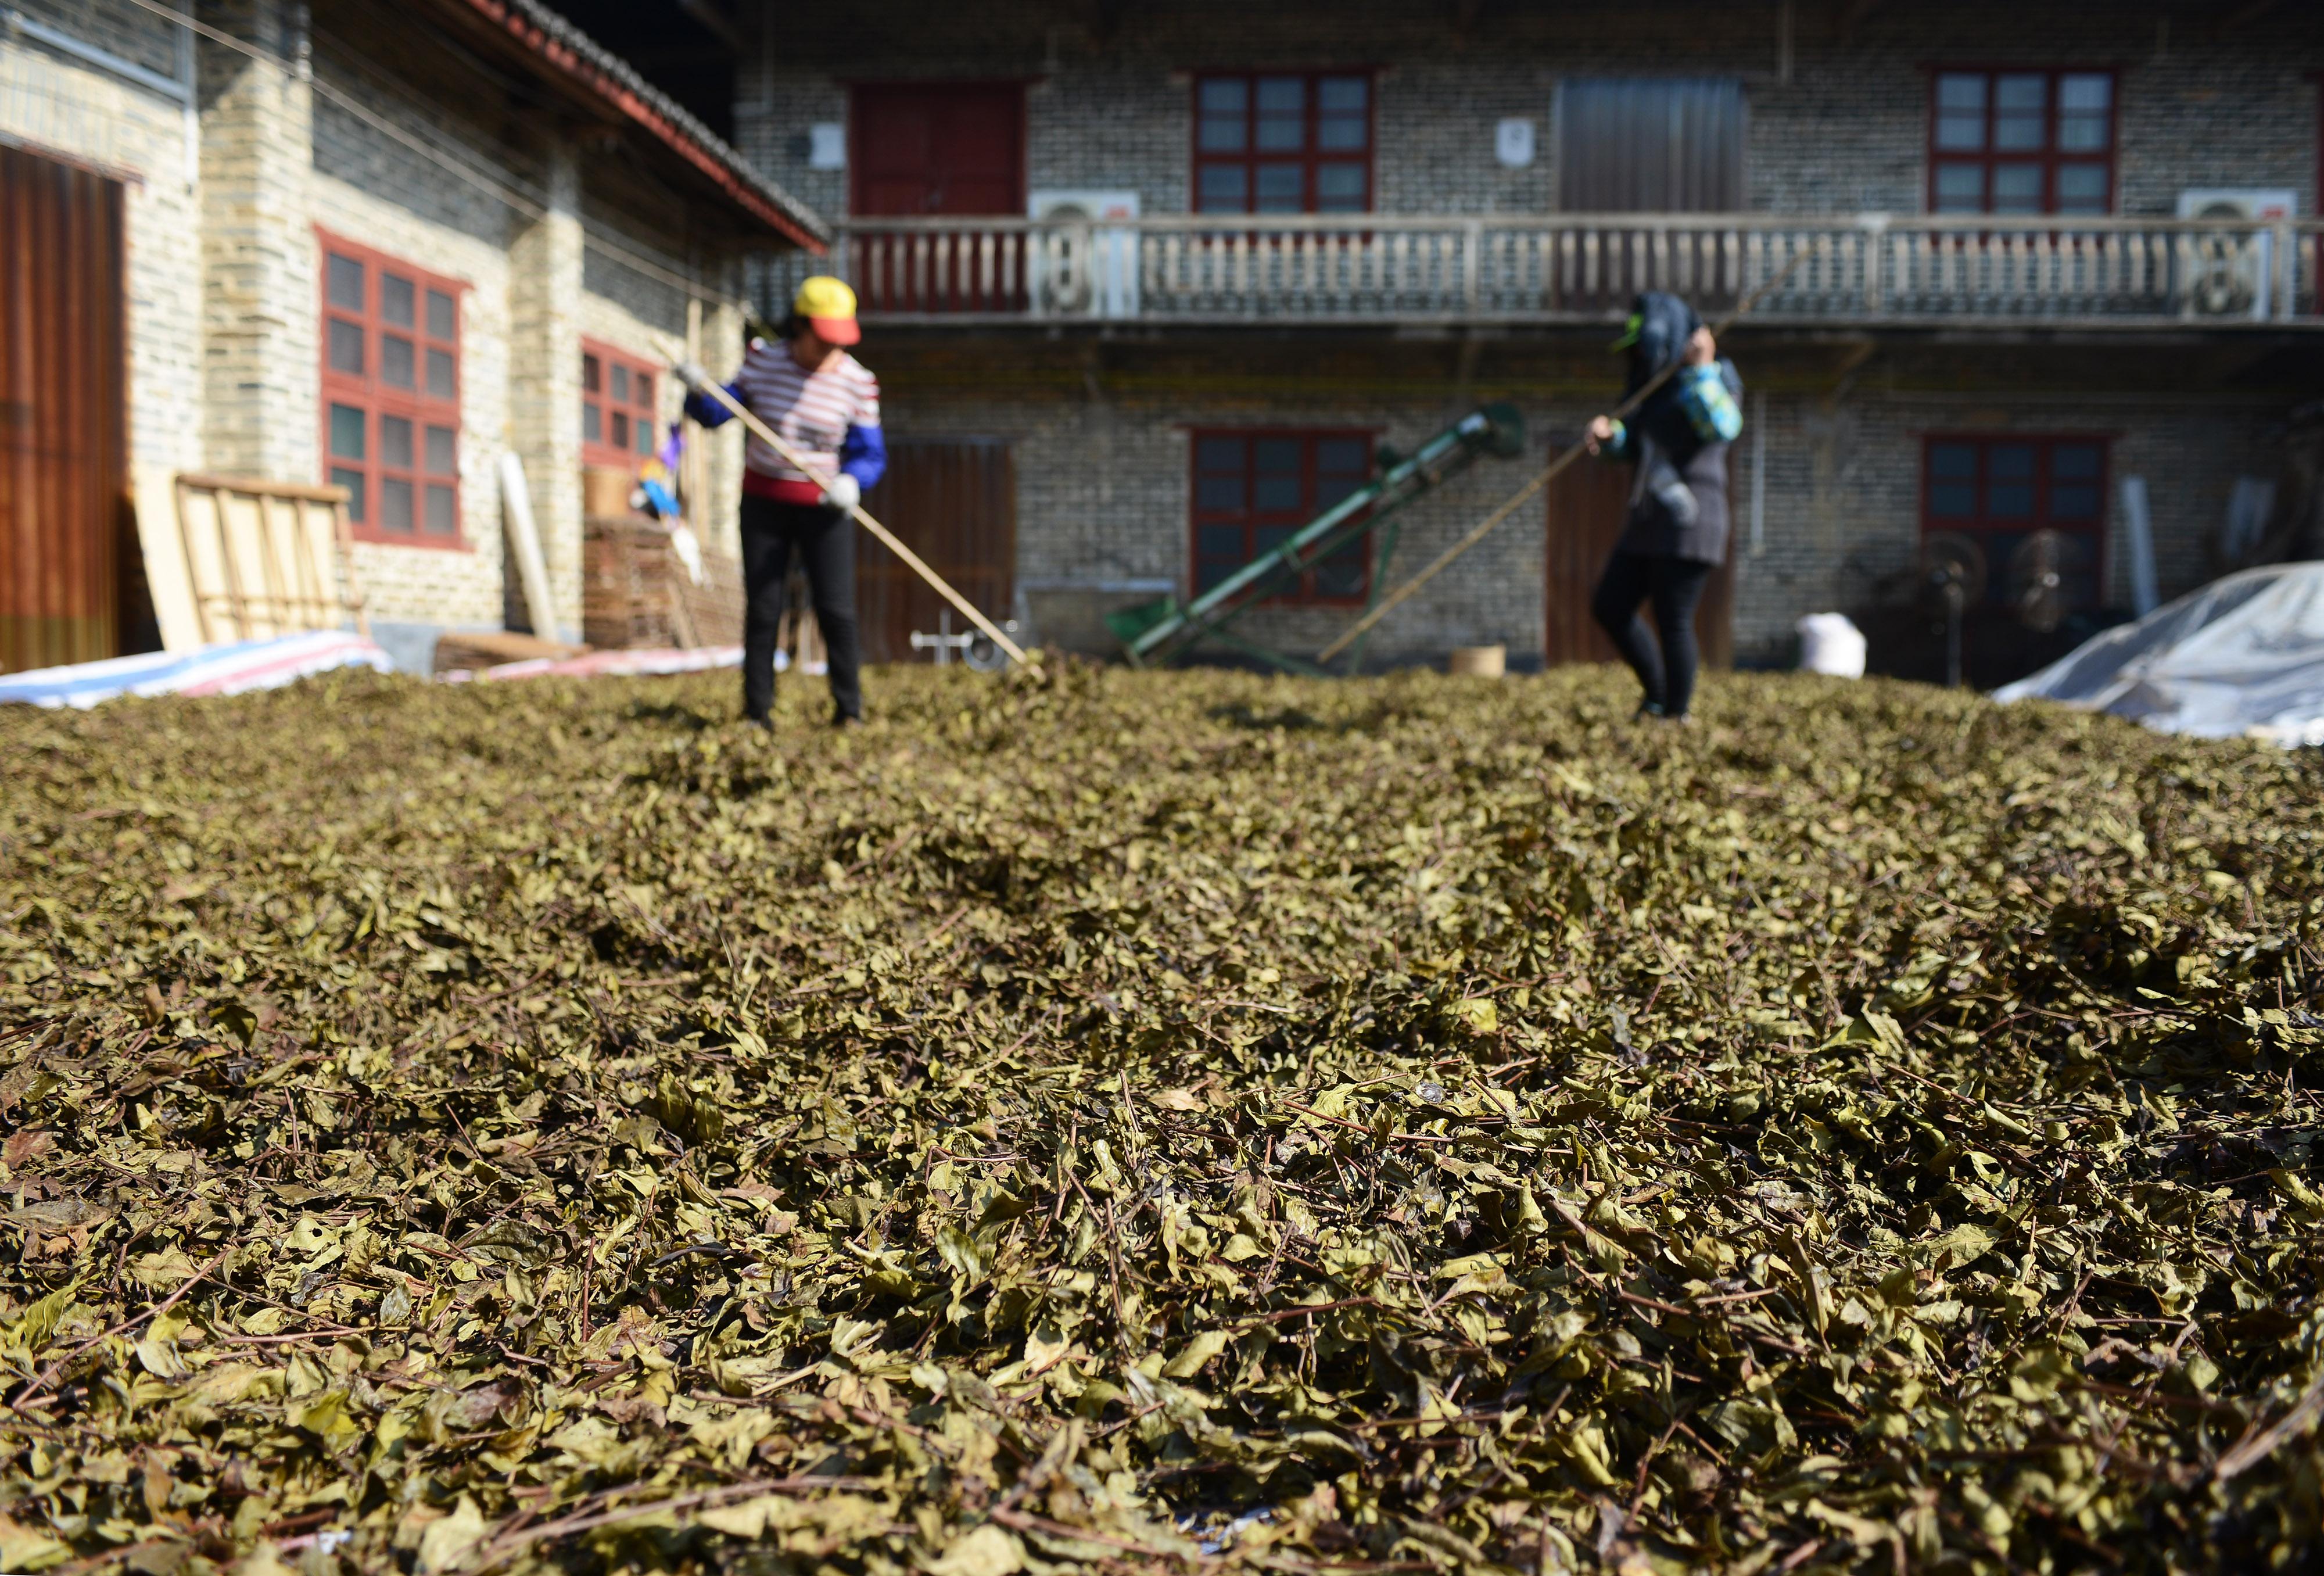 广西苍梧六堡镇一茶厂的工作人员在晾晒茶叶(2016年12月30日摄)。新华社记者王全超摄